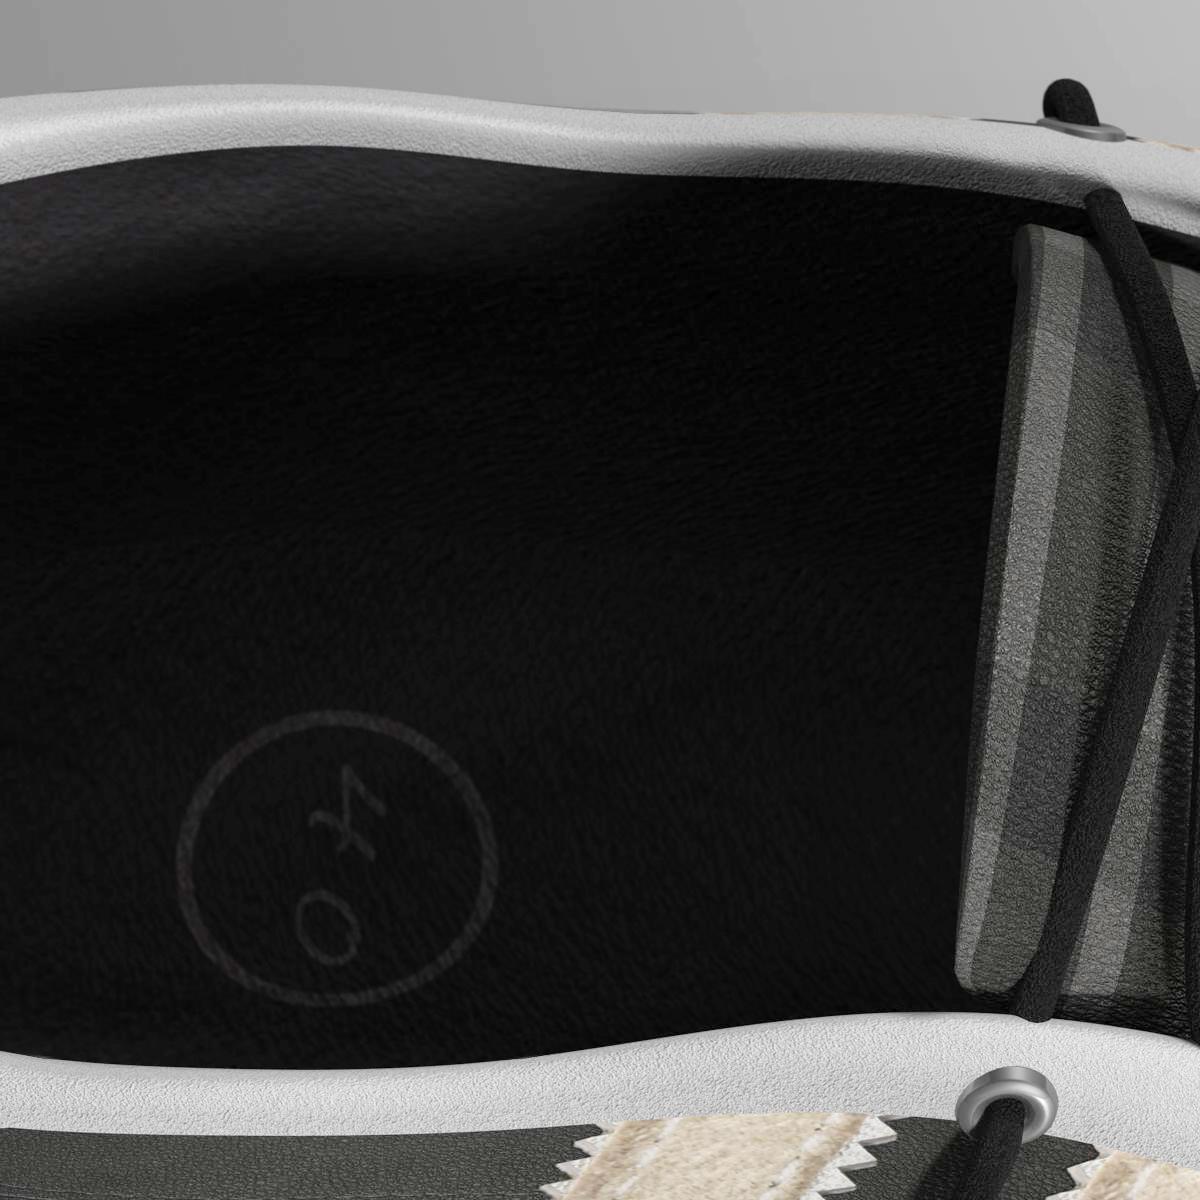 sneakers 3d model 3ds max fbx c4d ma mb obj 160390